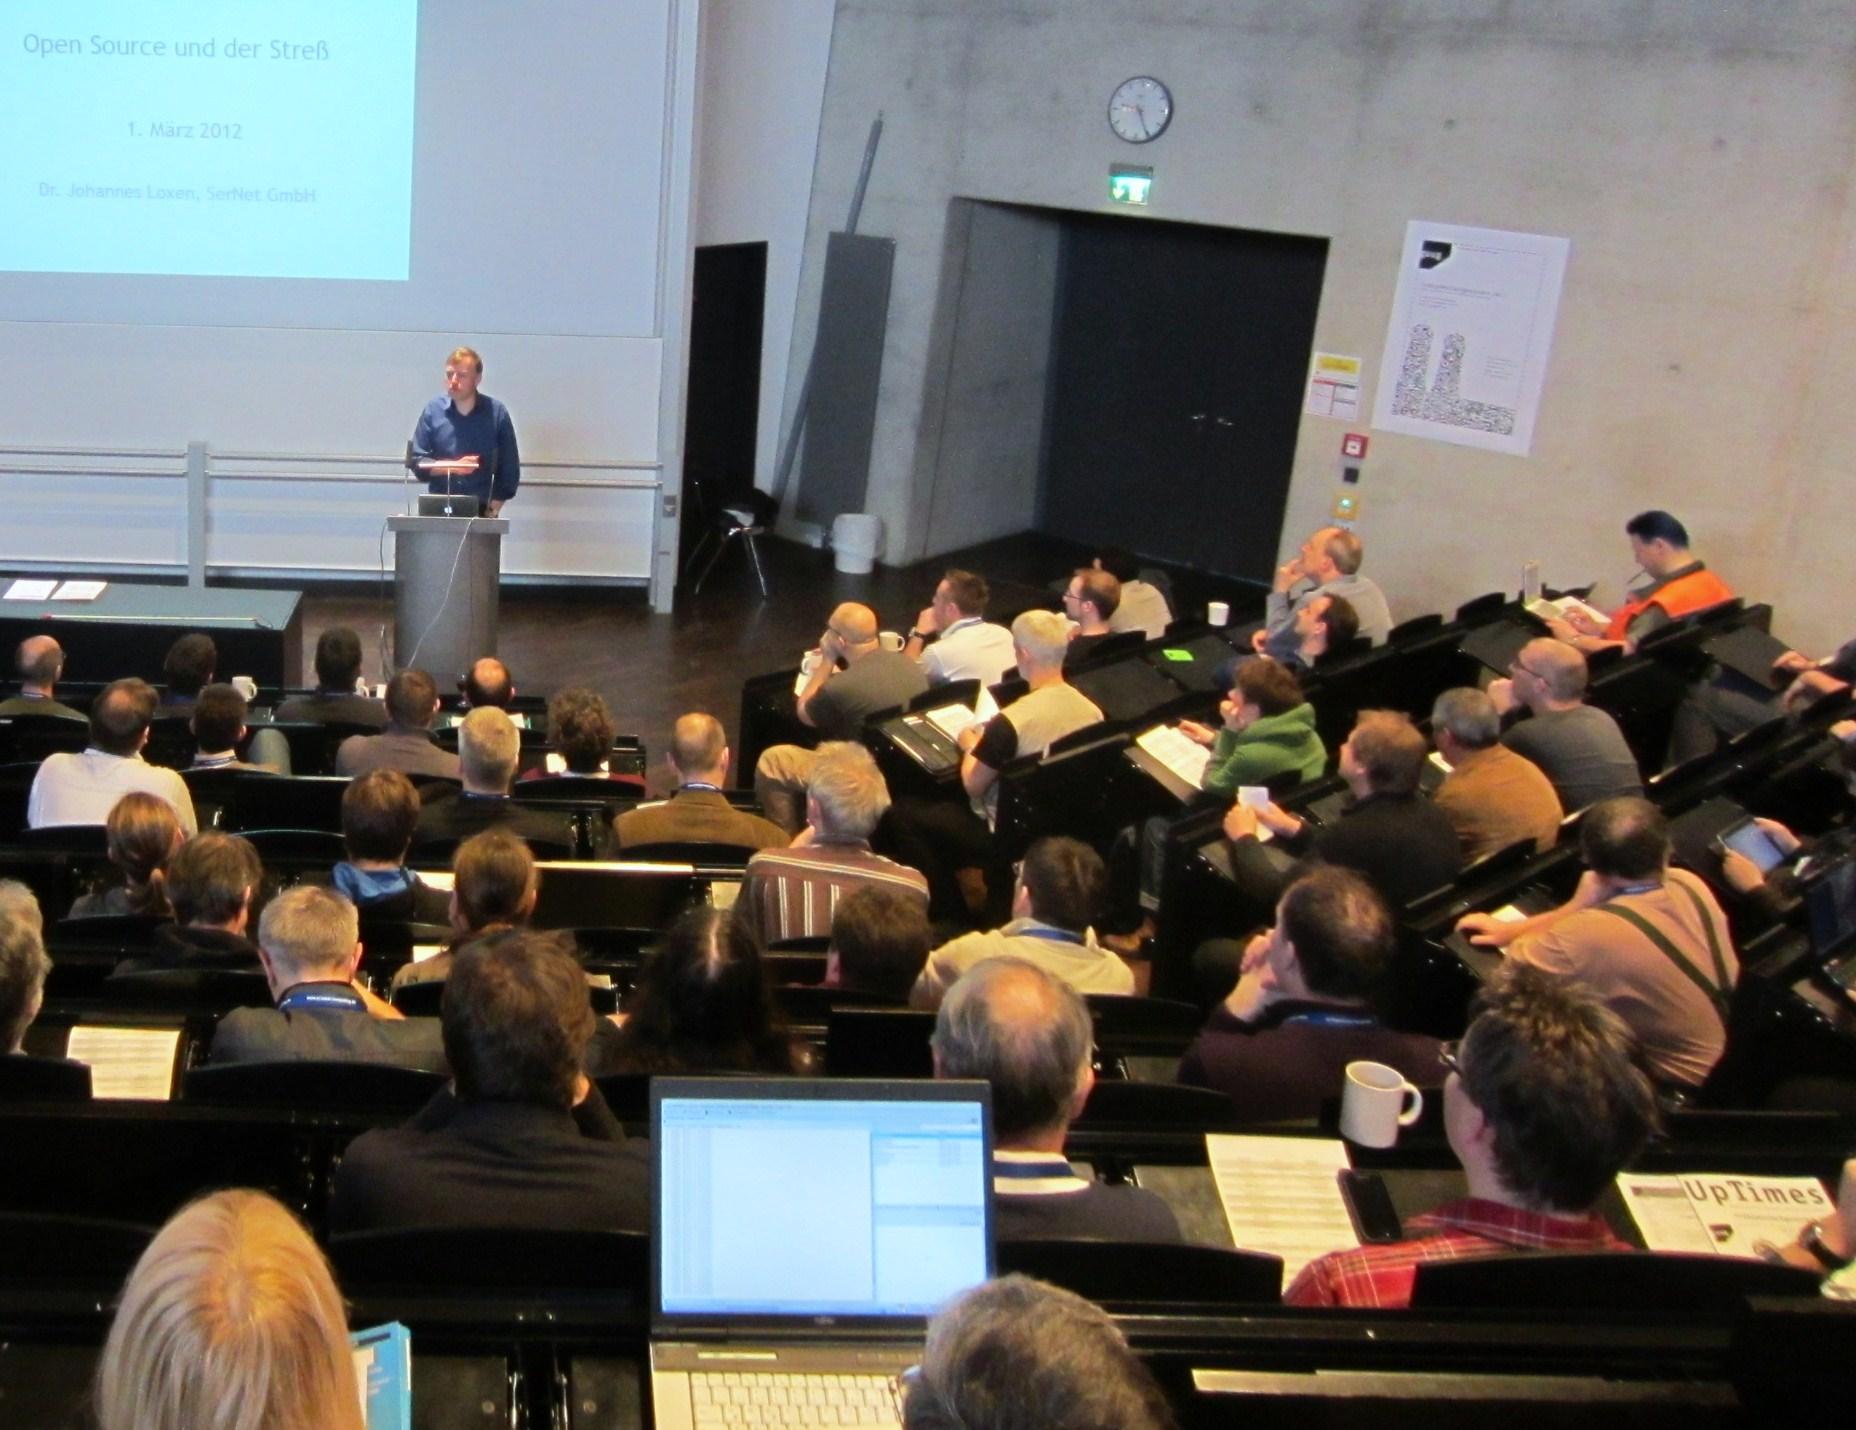 Johannes Loxen, Keynote FFG2012